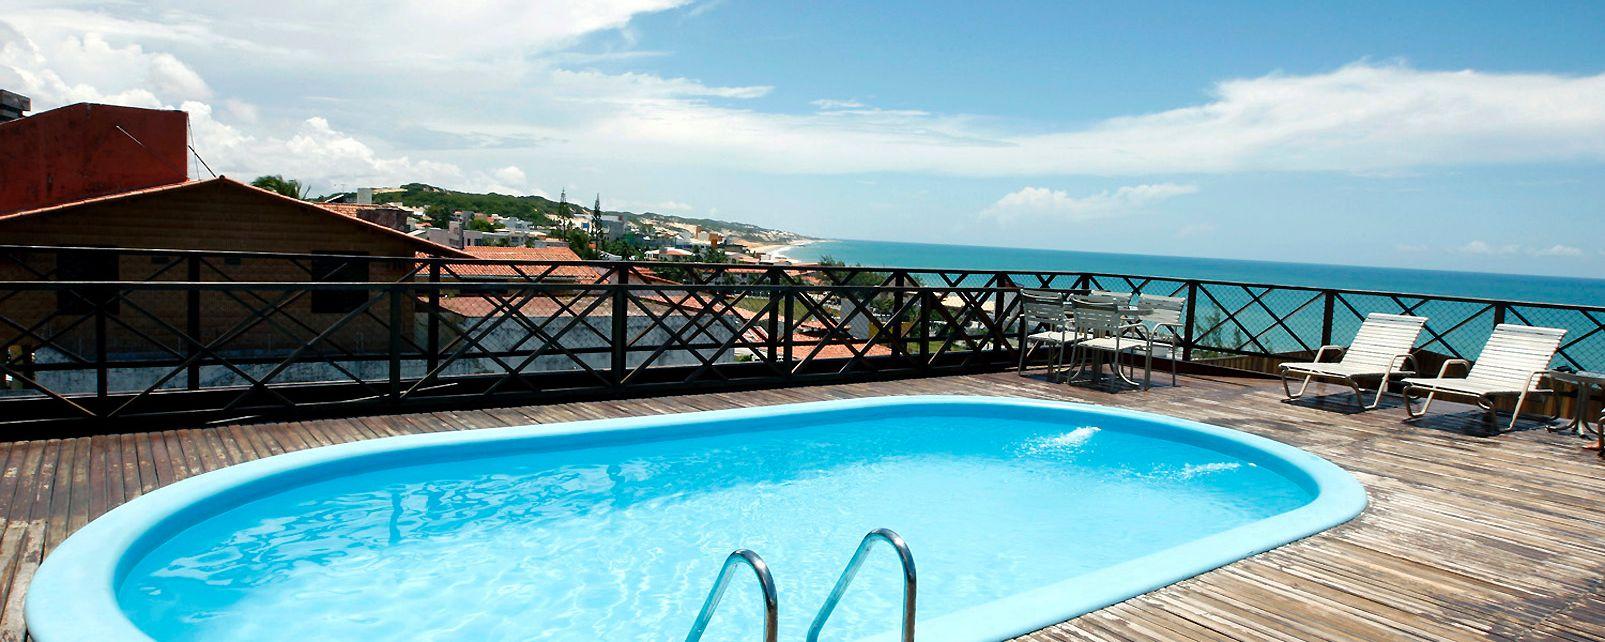 Hotel Delphia Marsallis